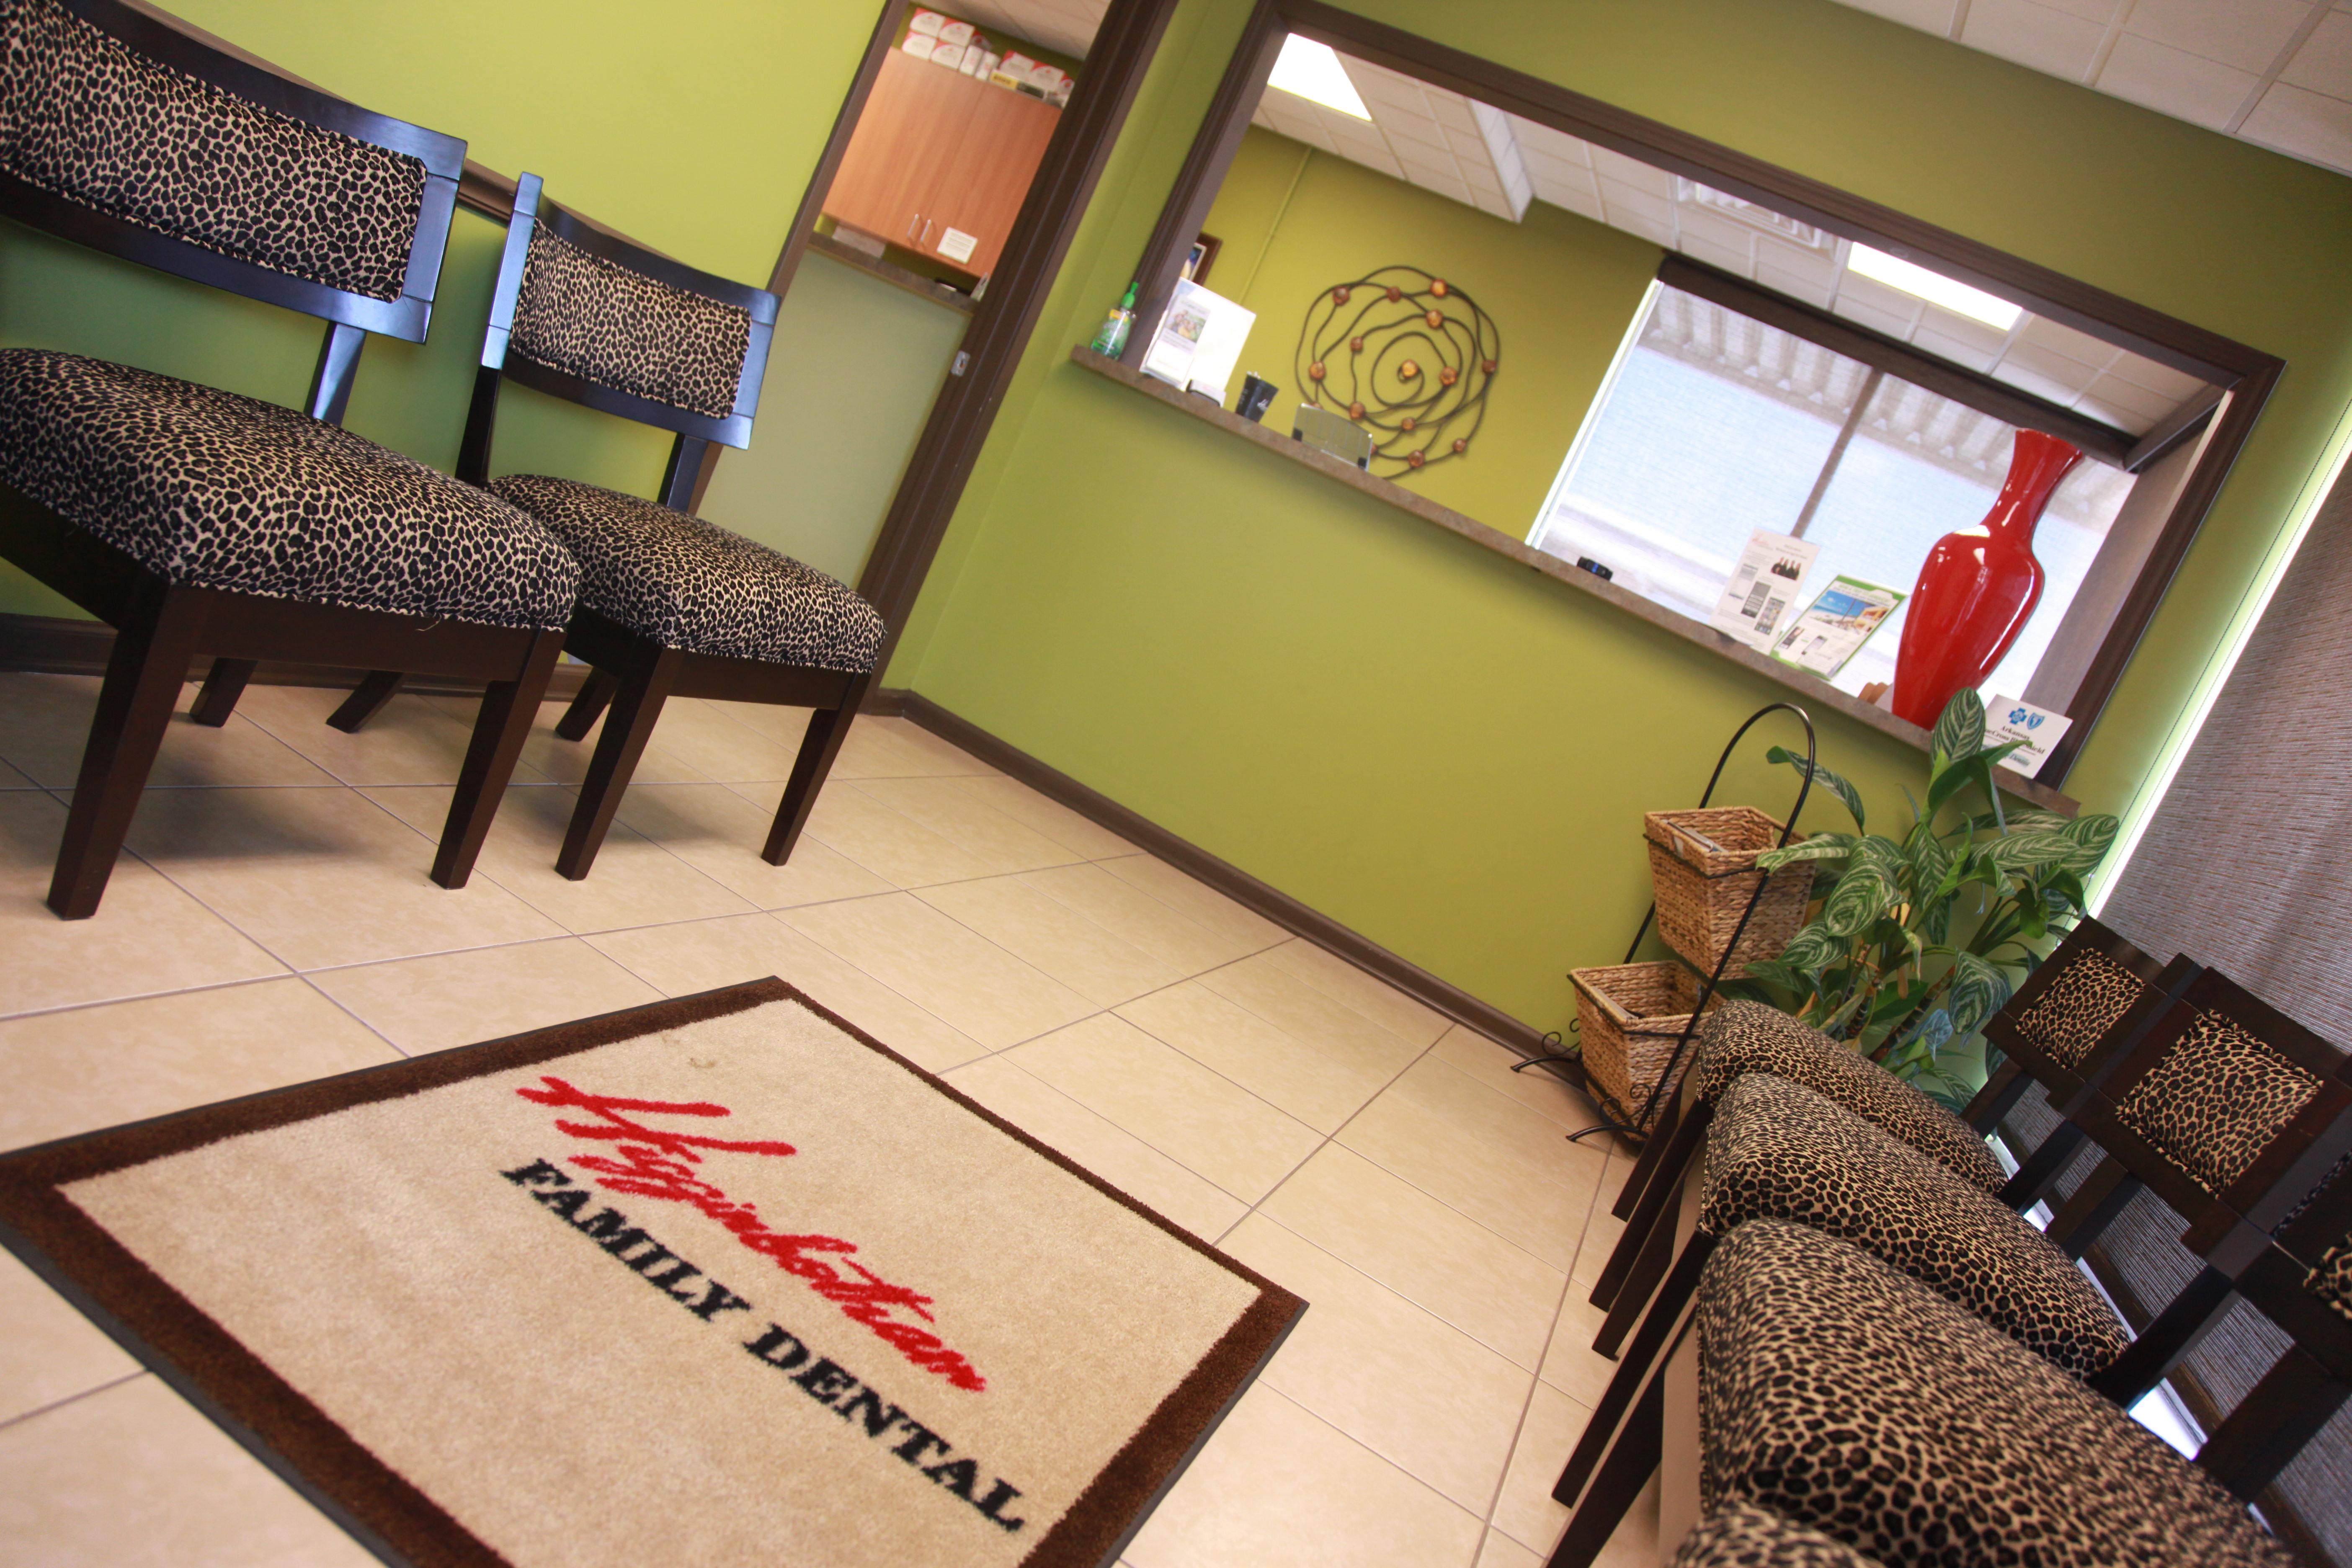 Higginbotham Family Dental Office